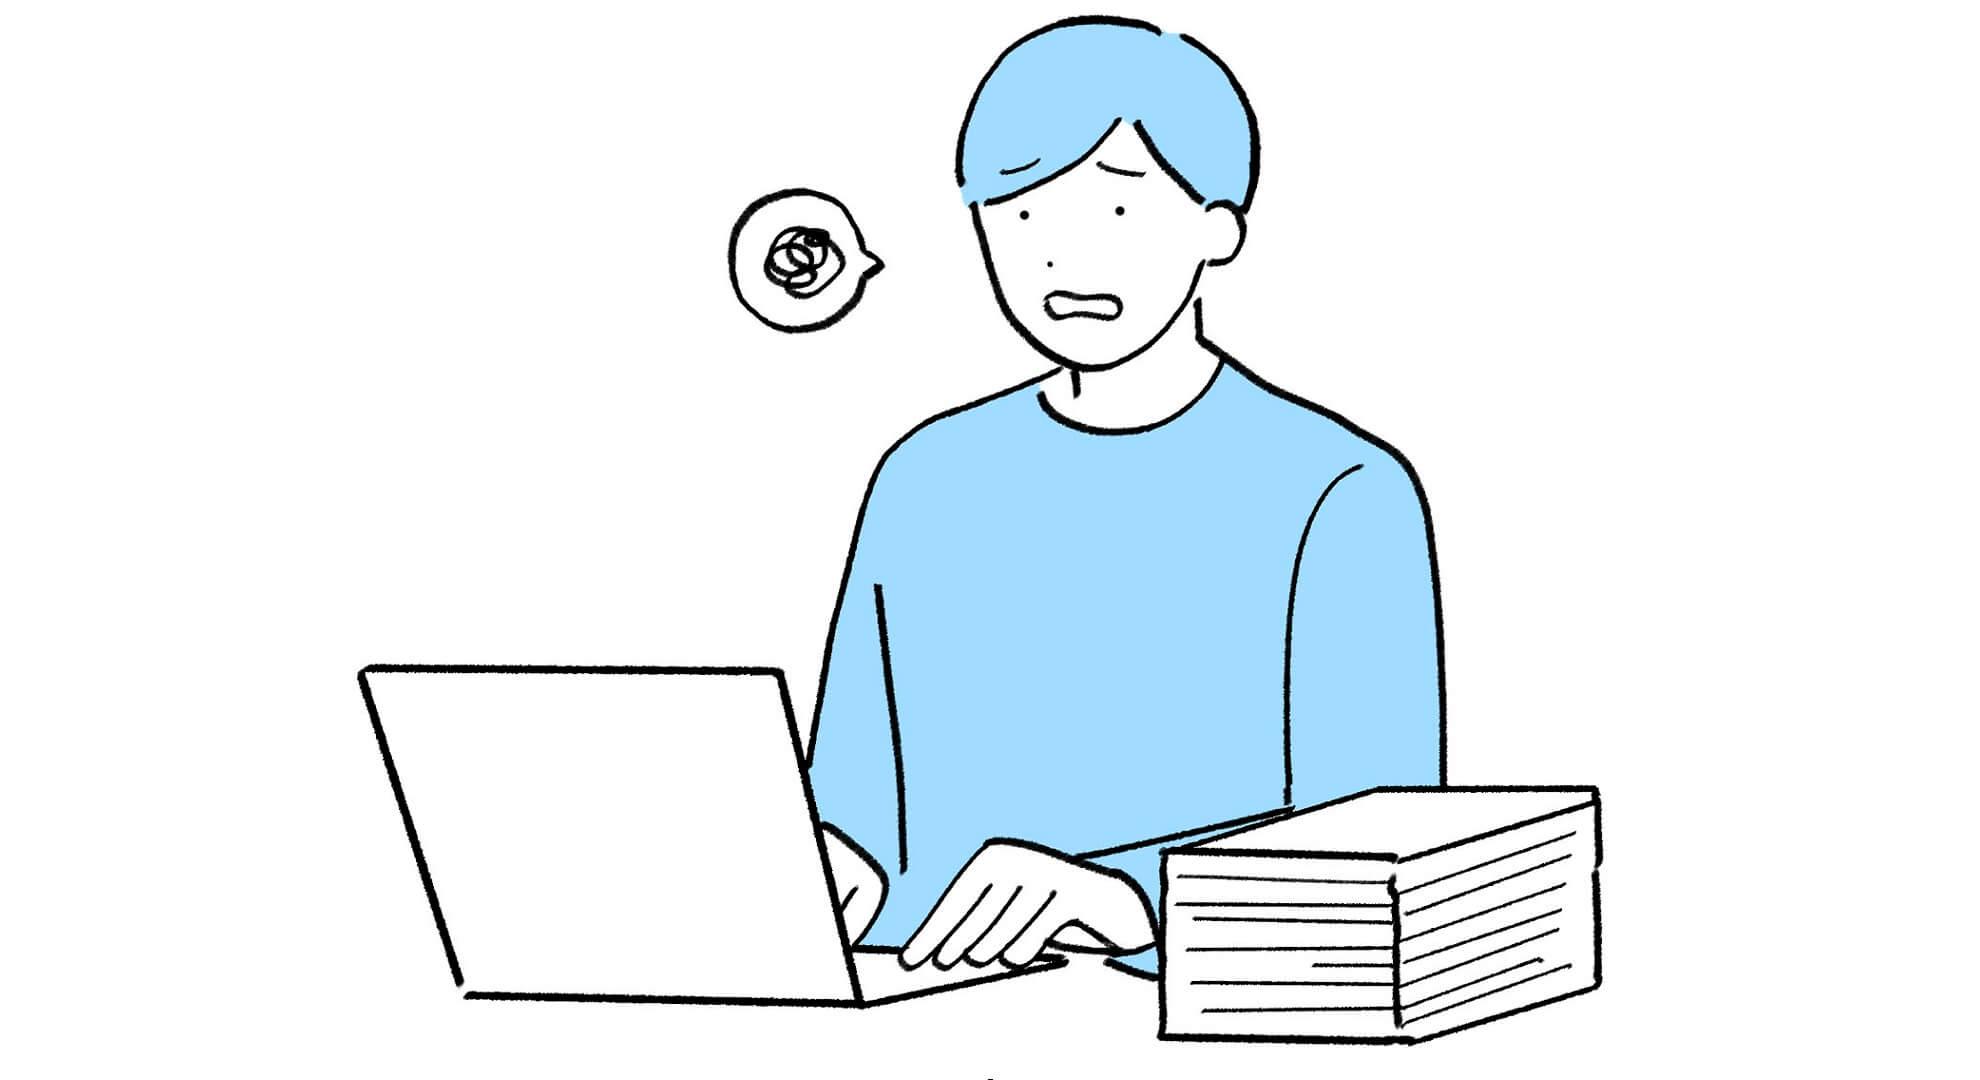 『ブログがめんどくさい』は目的をちょっと変えるだけで改善できます